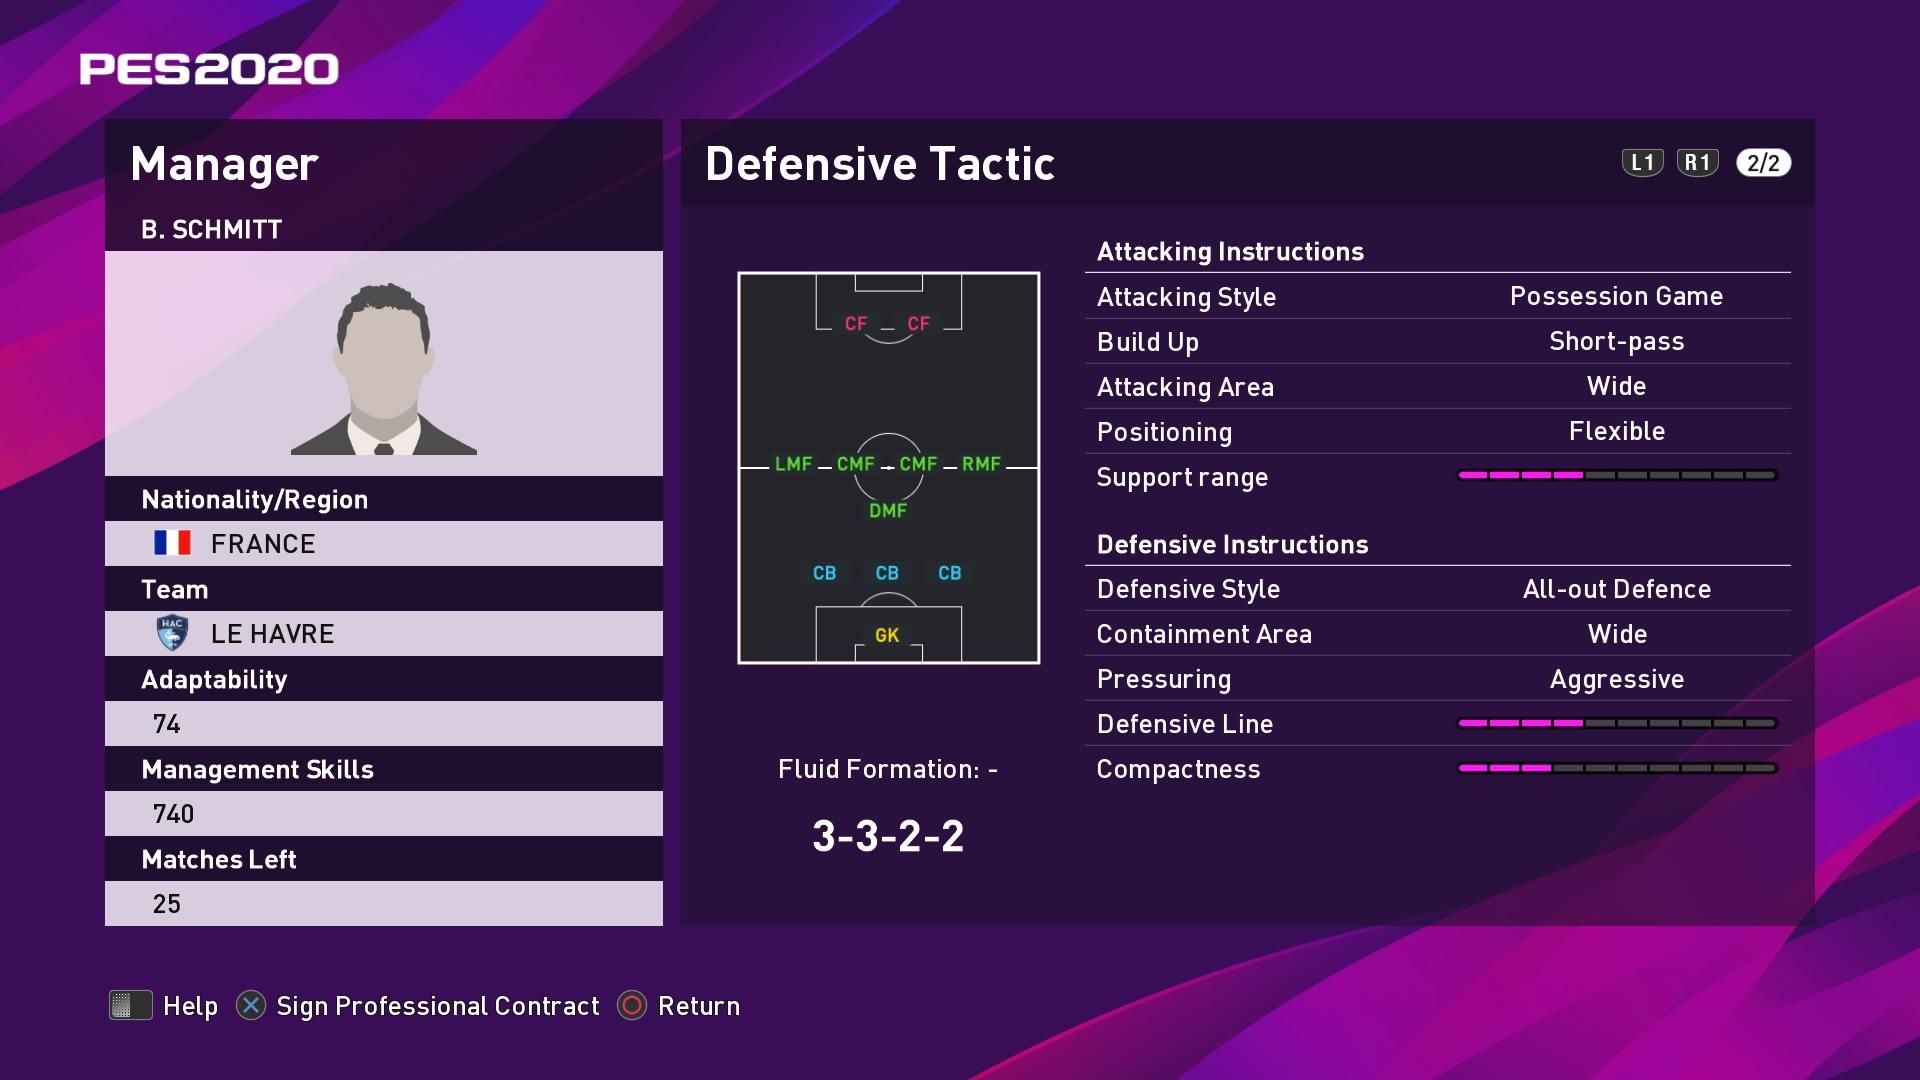 B. Schmitt (Paul Le Guen) Defensive Tactic in PES 2020 myClub